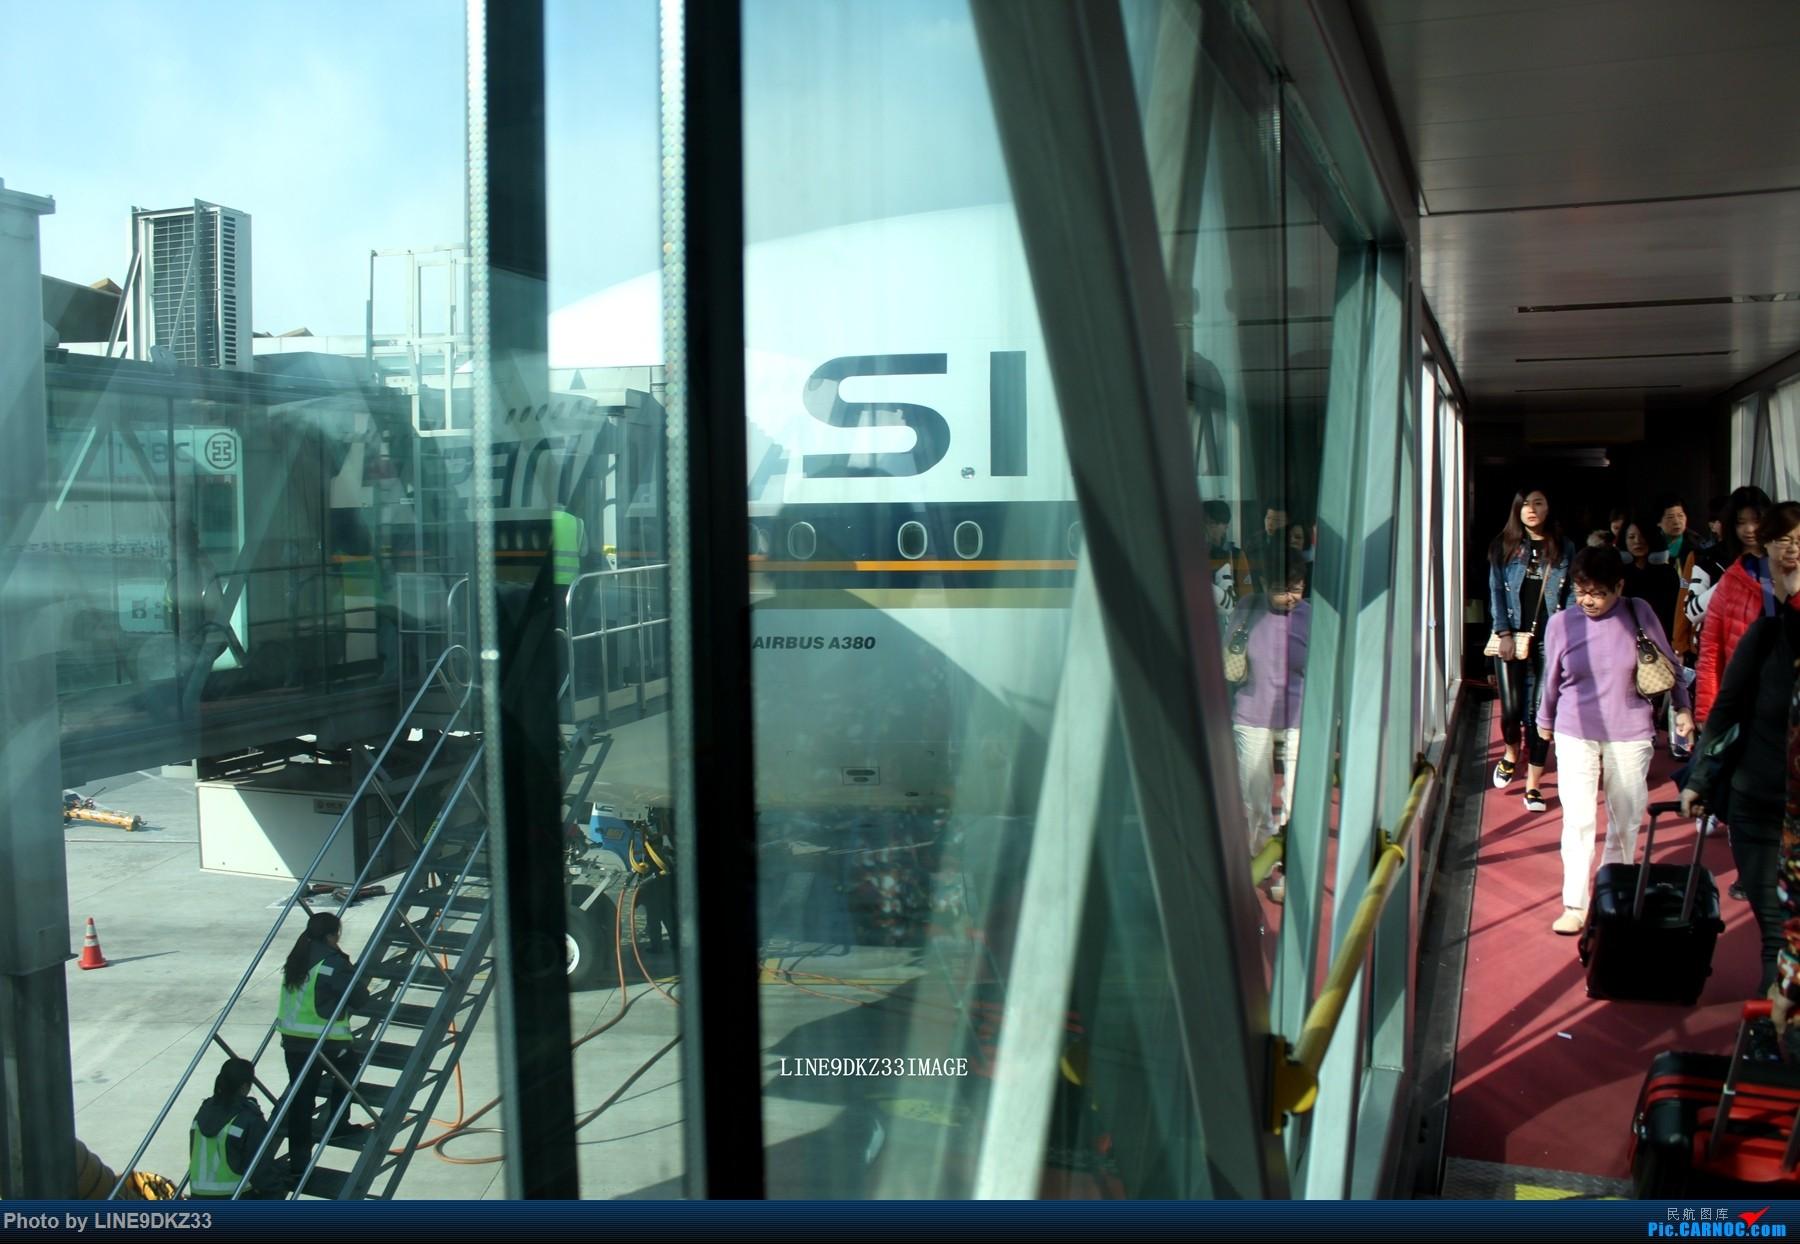 Re:[原创]东南亚运转(下) 空中客车A380-800 9VSKA 中国北京首都国际机场